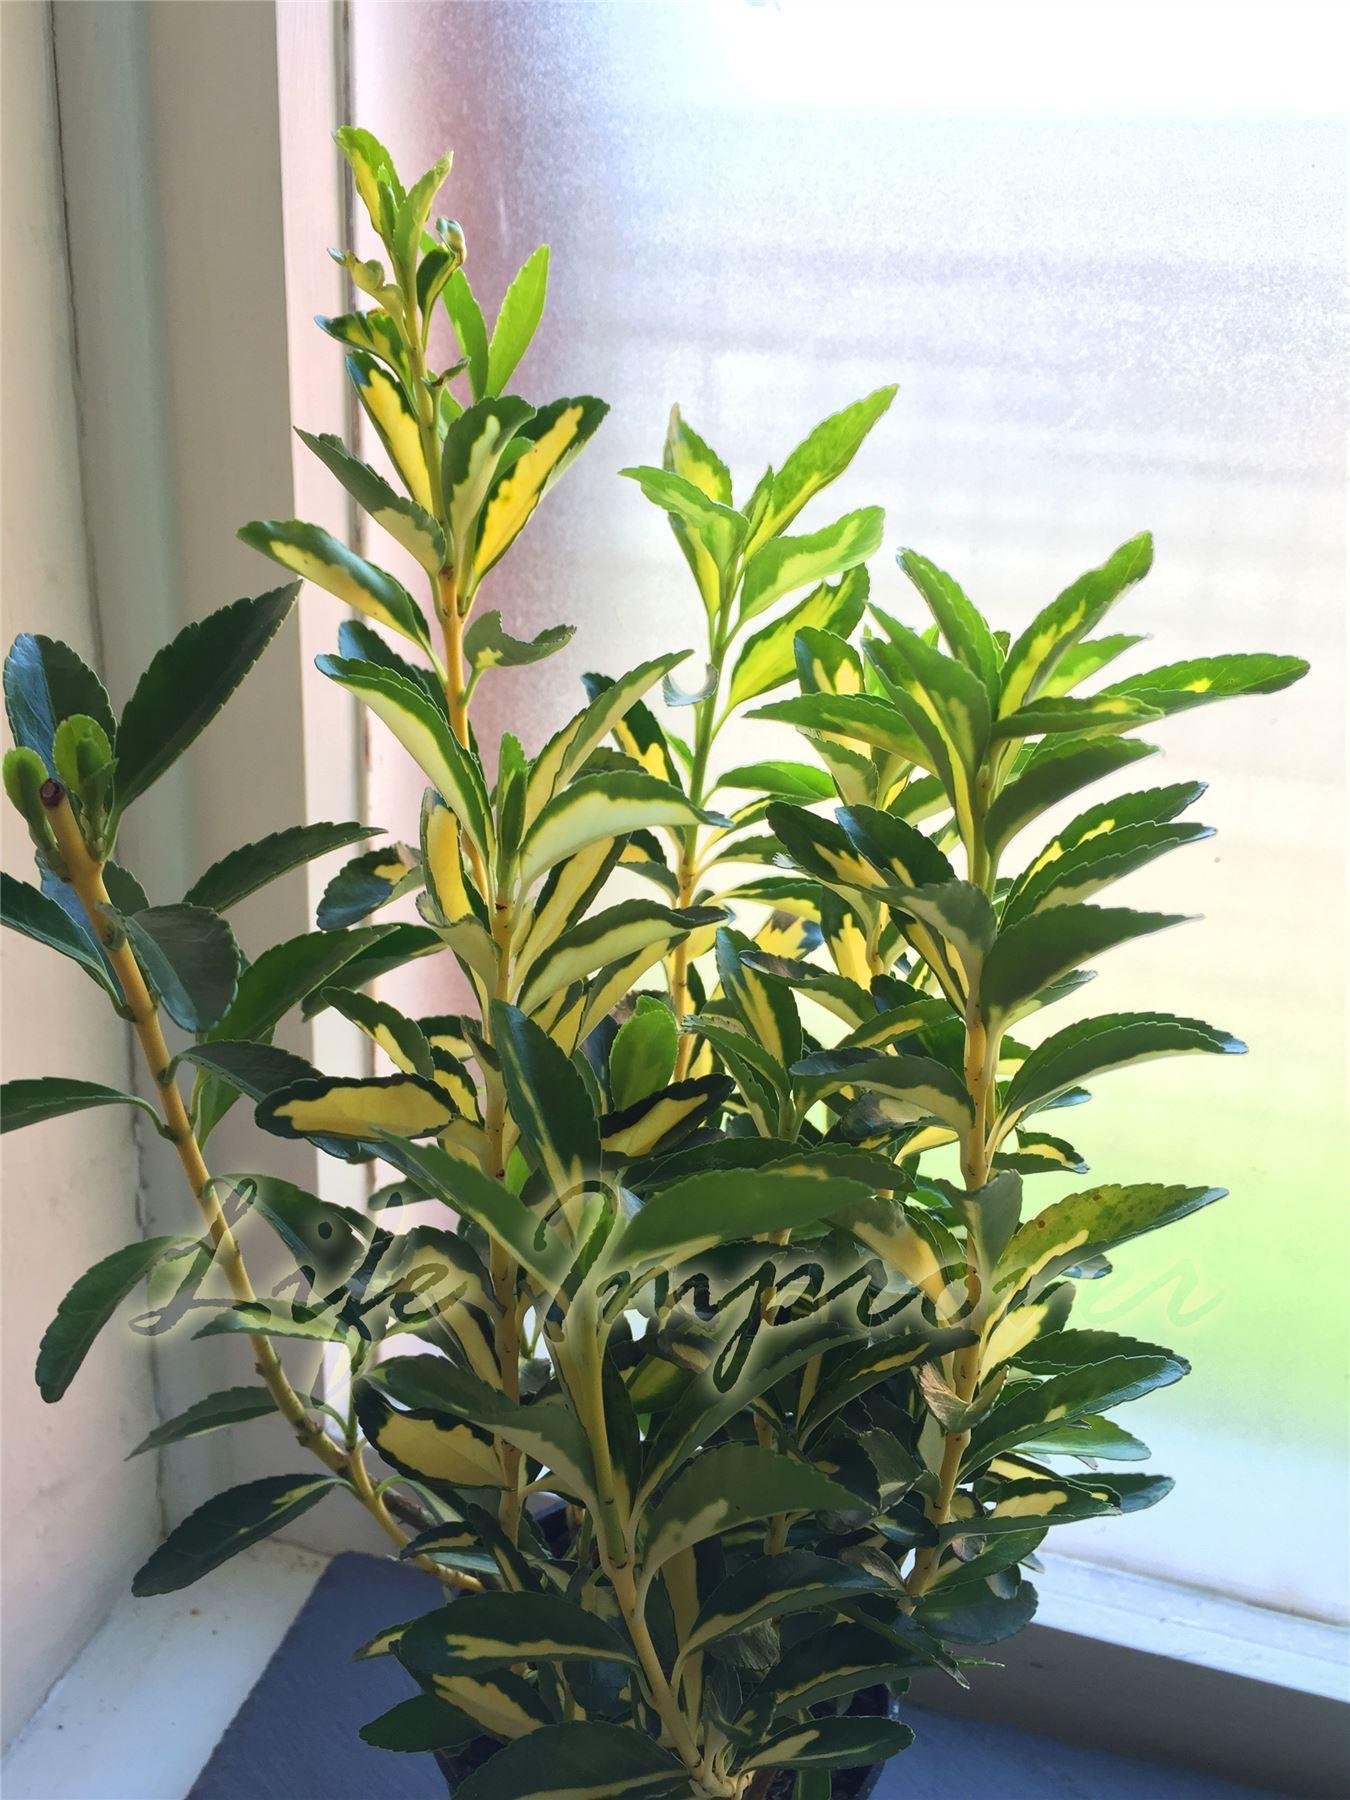 Hardy esmeralda n oro euonymus husillo rbol arbusto de for Arboles para jardin de hoja perenne